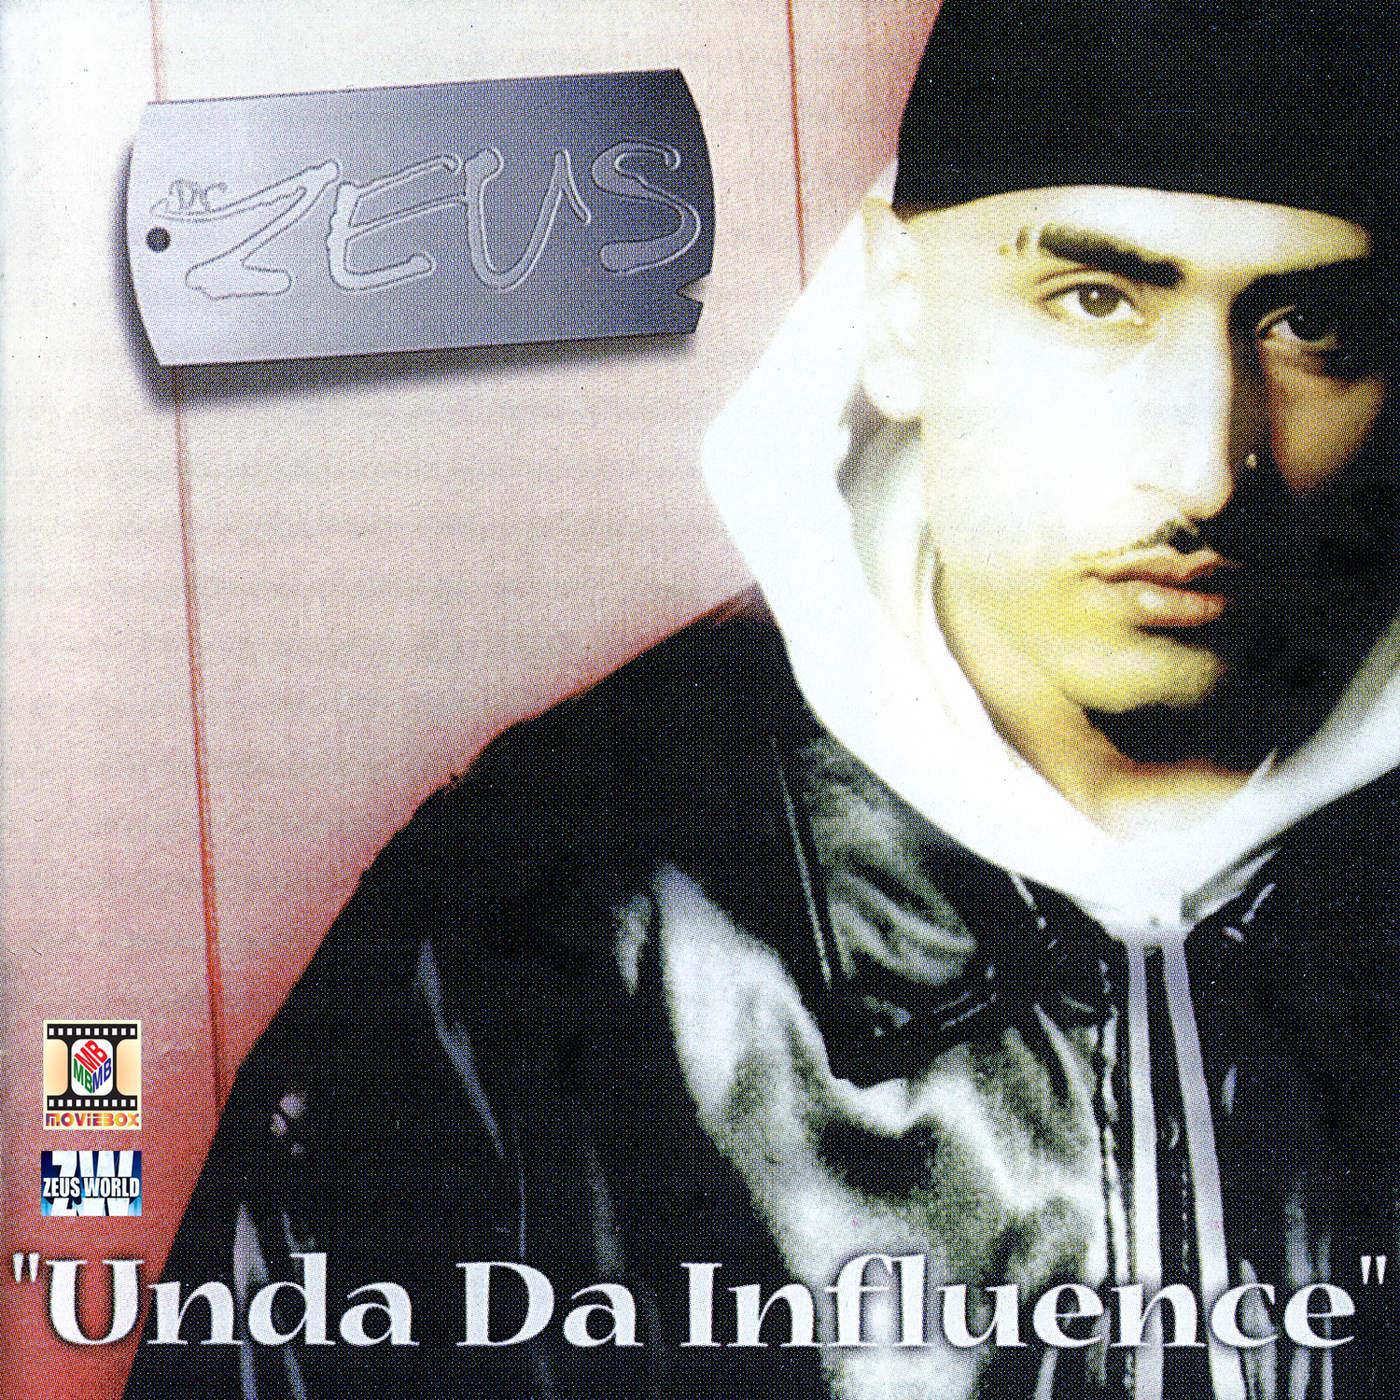 Dr. Zeus - Unda Da Influence Cover